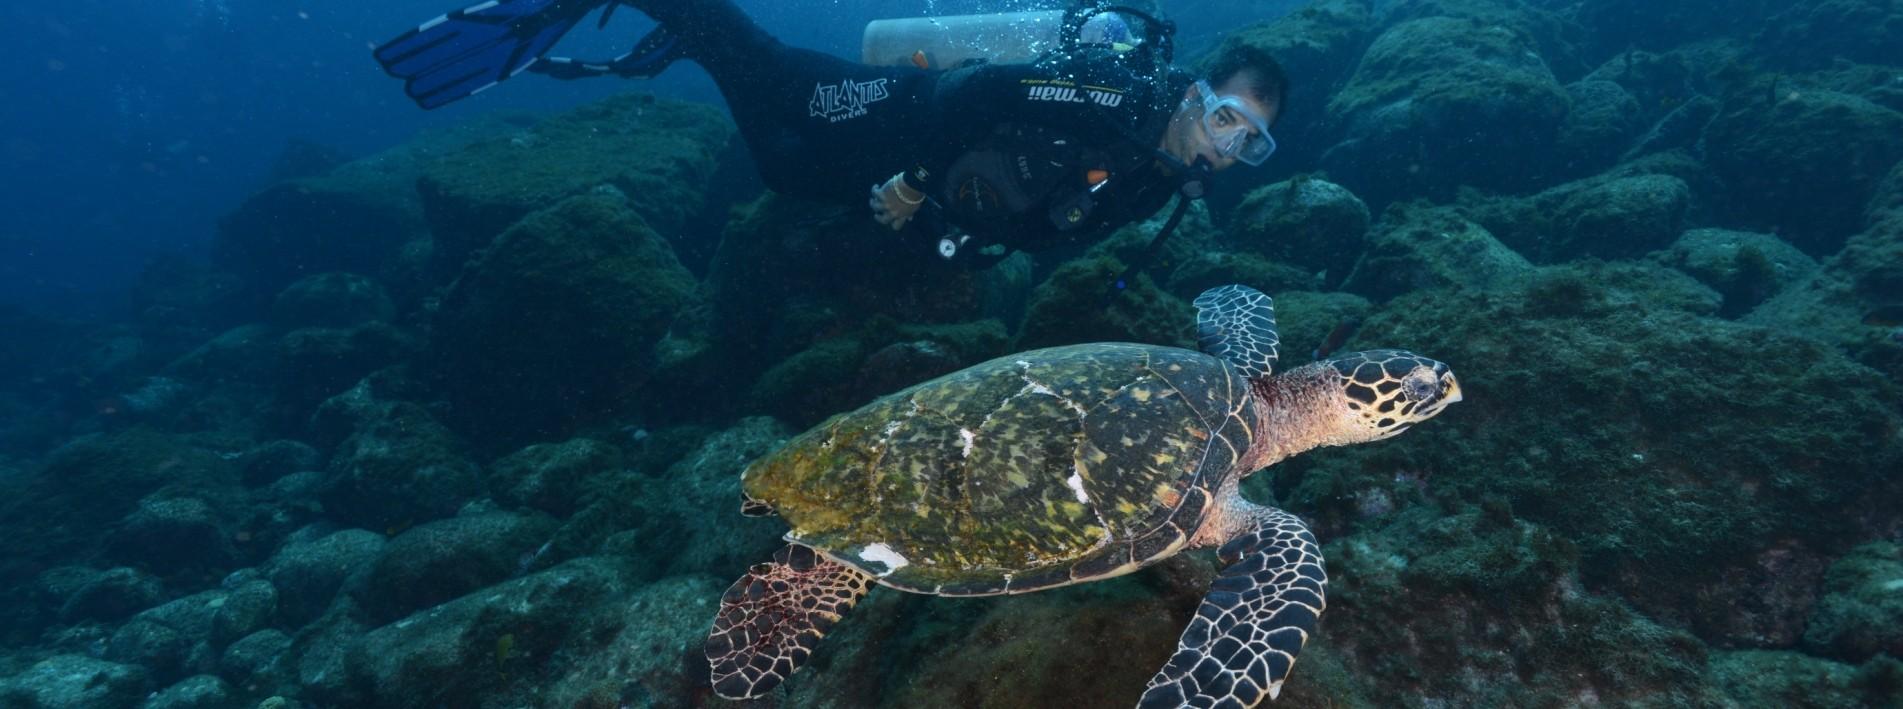 Tauchen mit Schildkröten, Fernando de Noronha